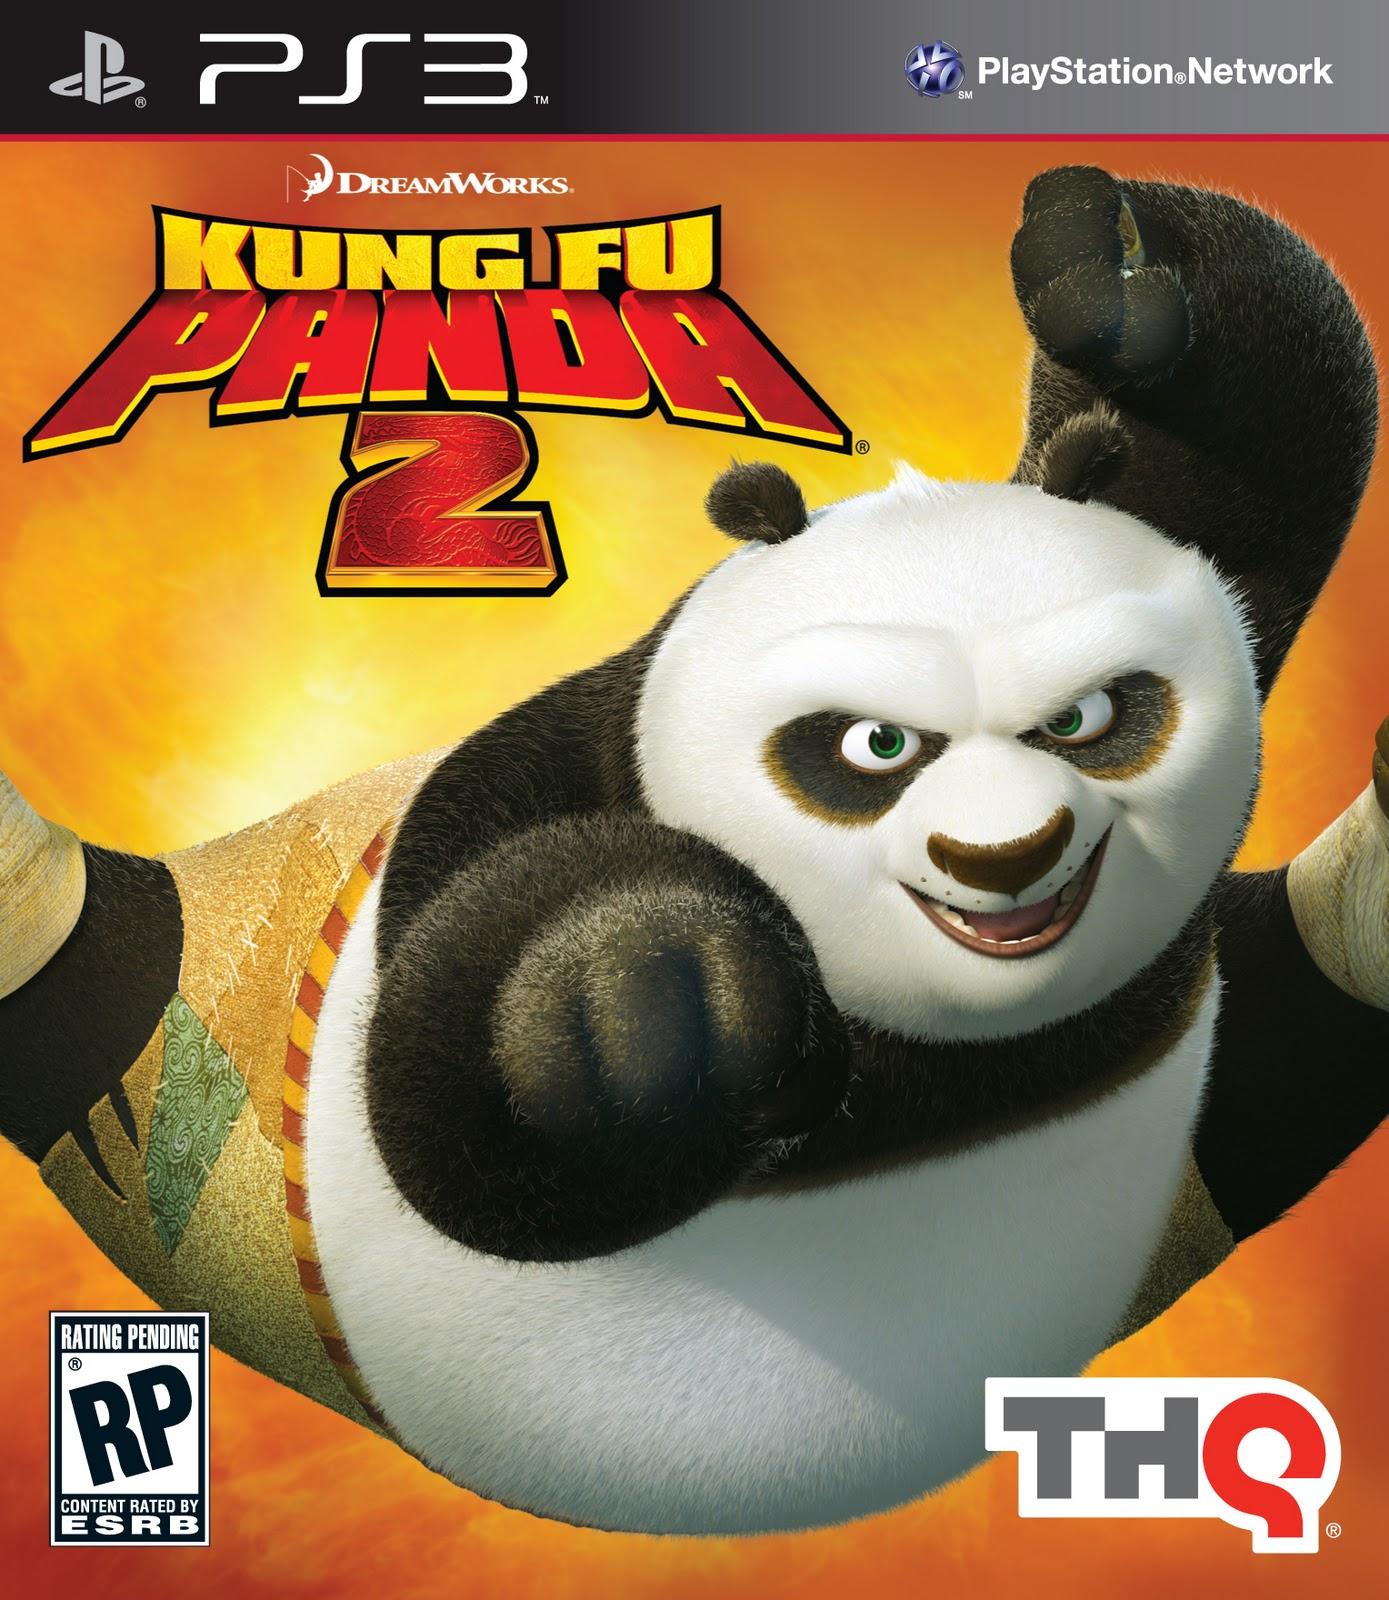 Kung Fu Panda 2 (video game)